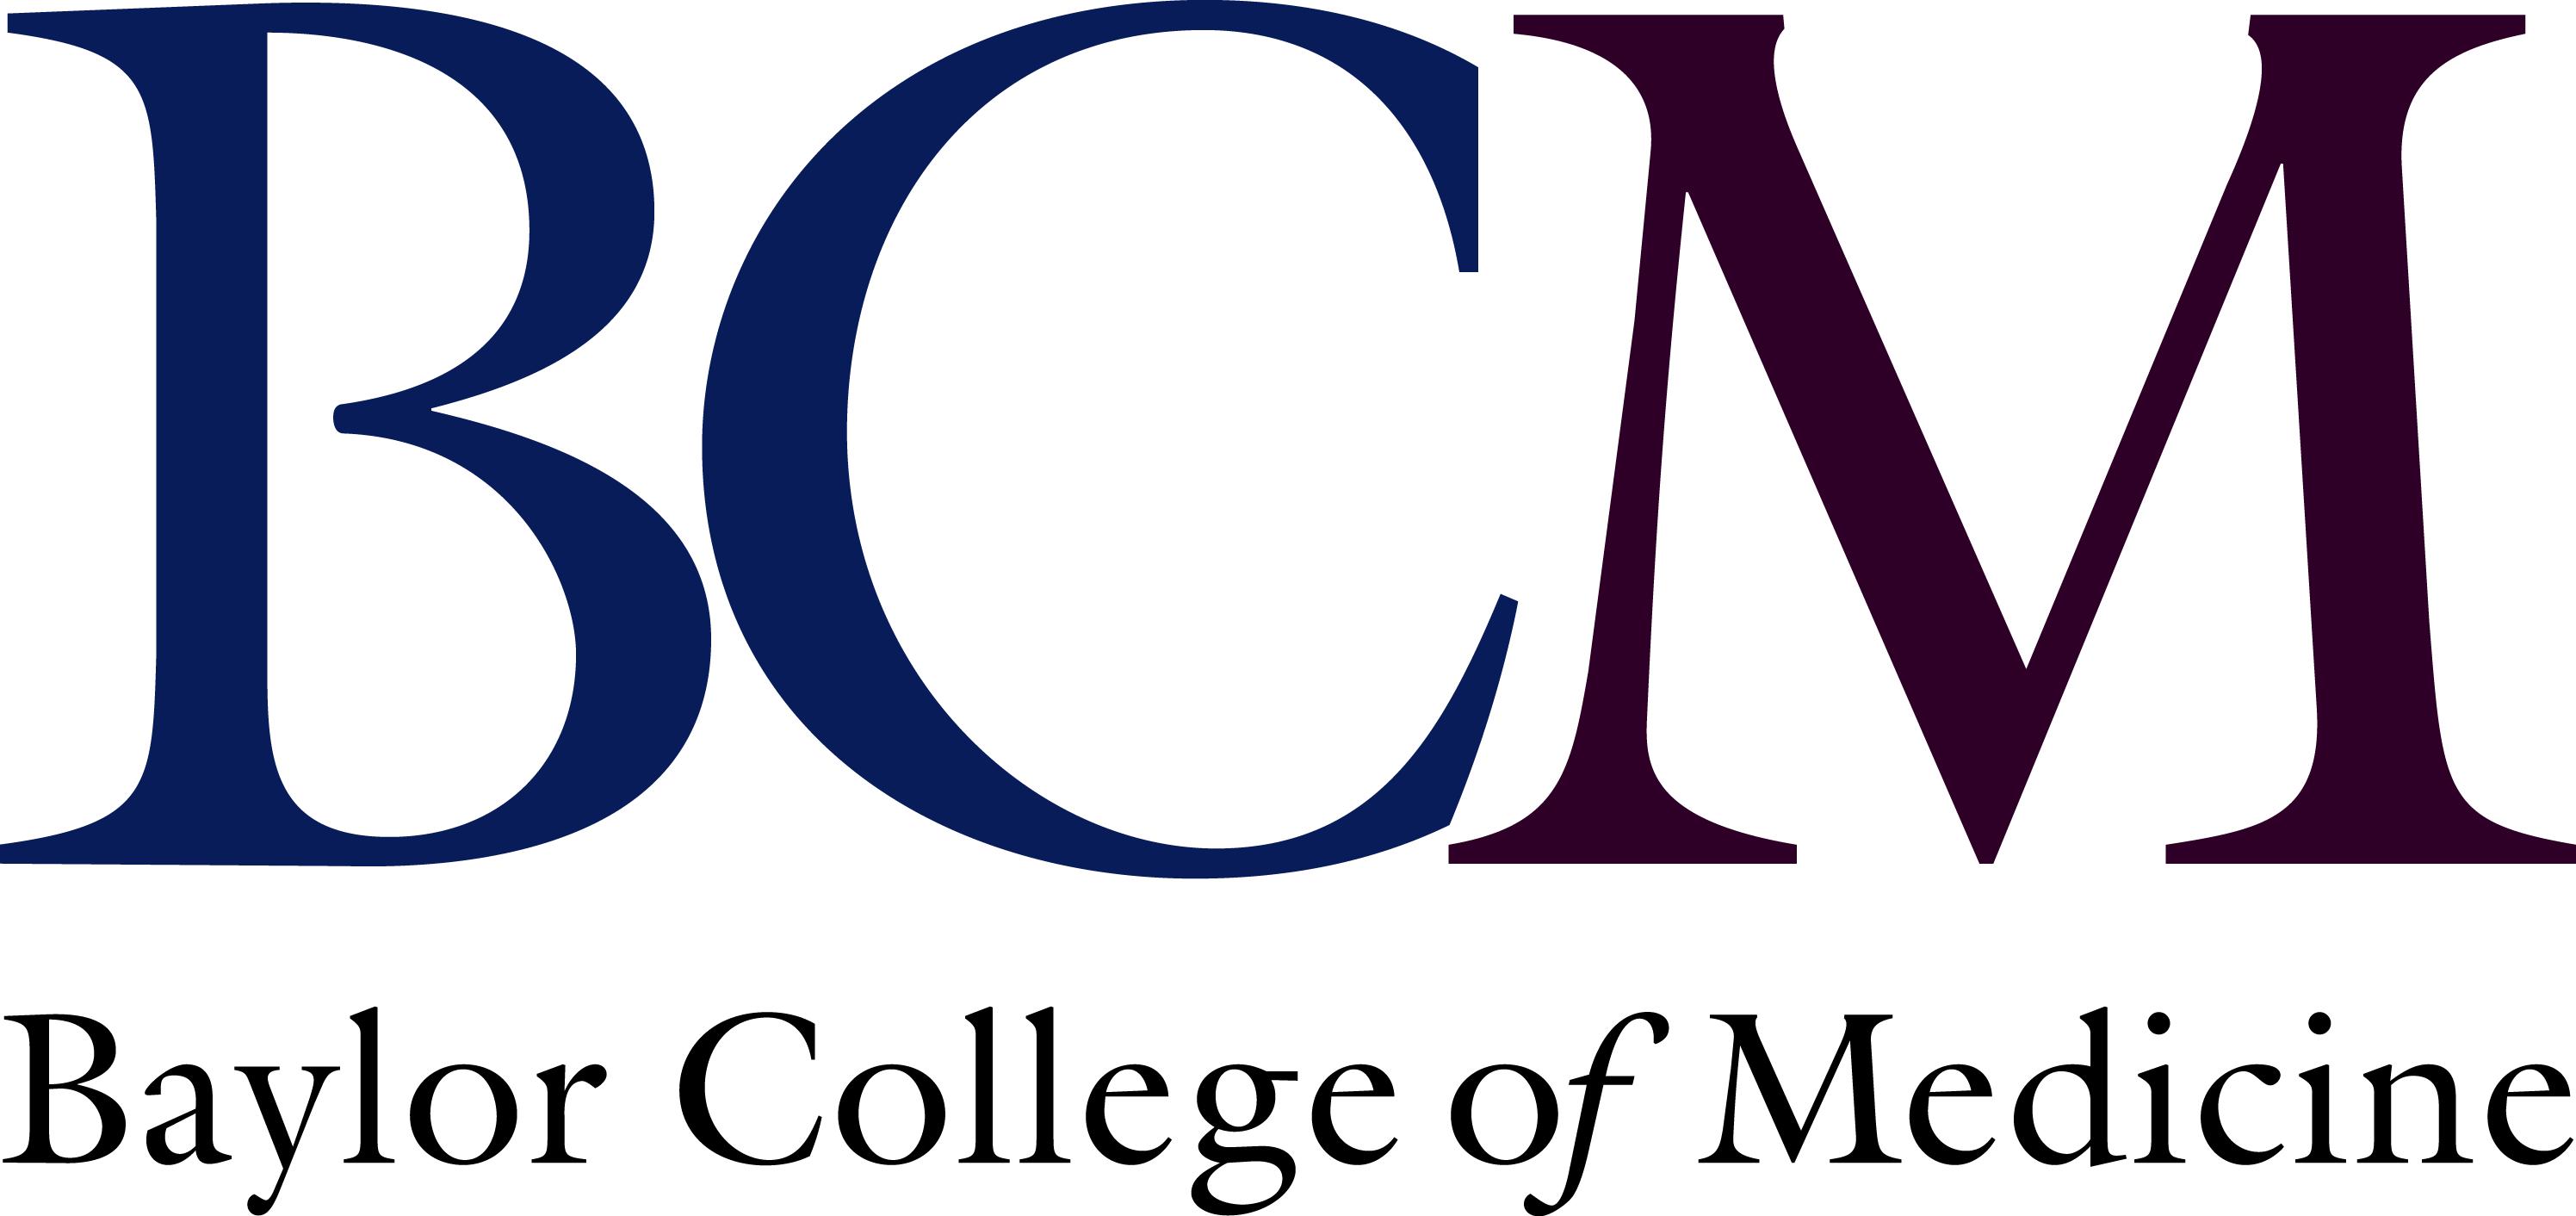 Baylor College of Medicine - Assurgent